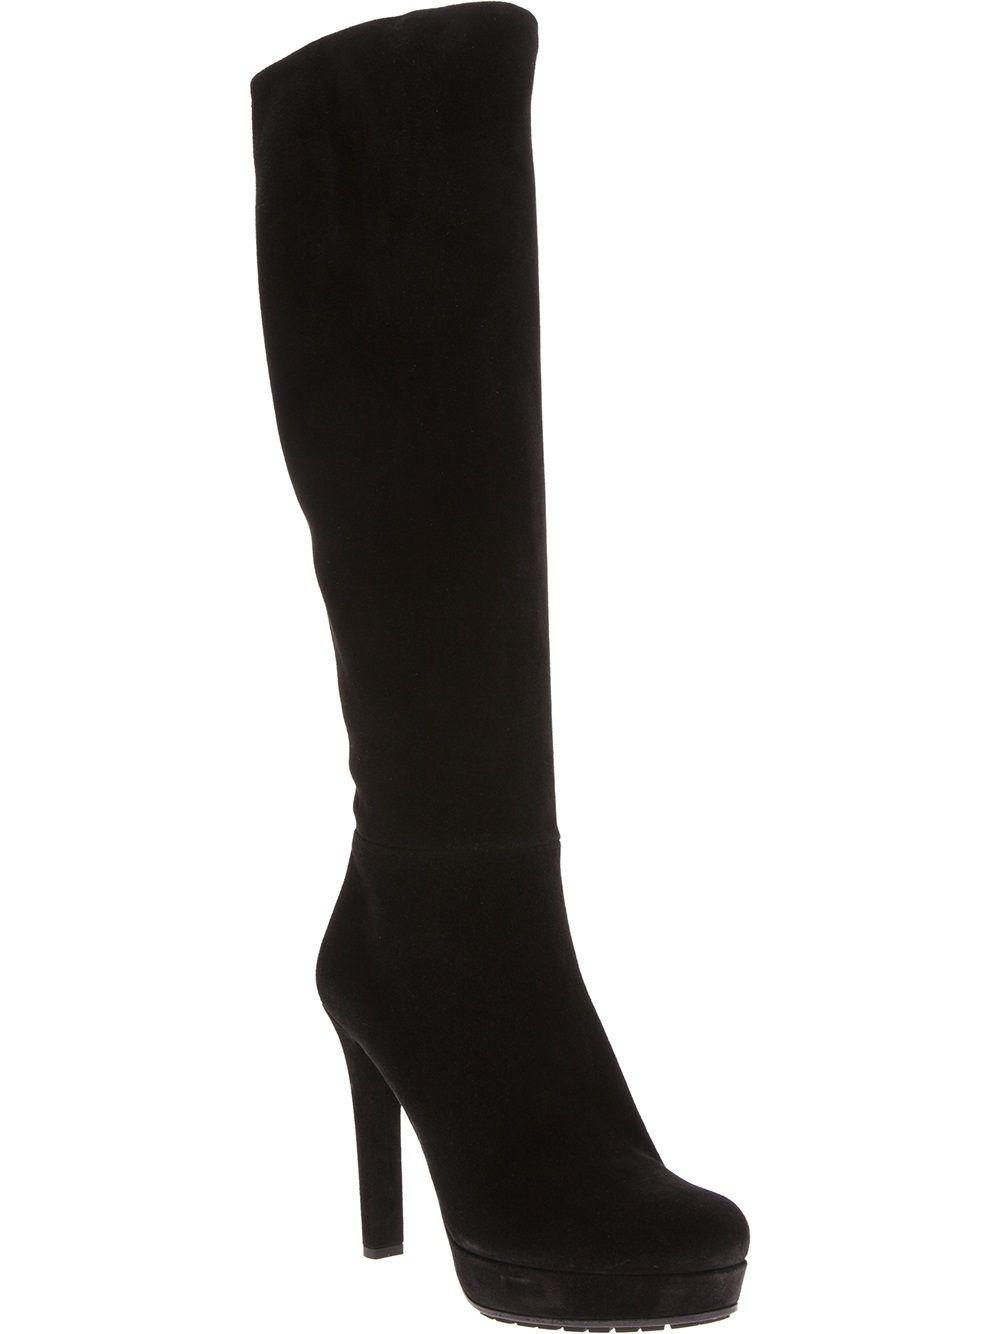 Gucci black high heeled boot high heel boots heels boots